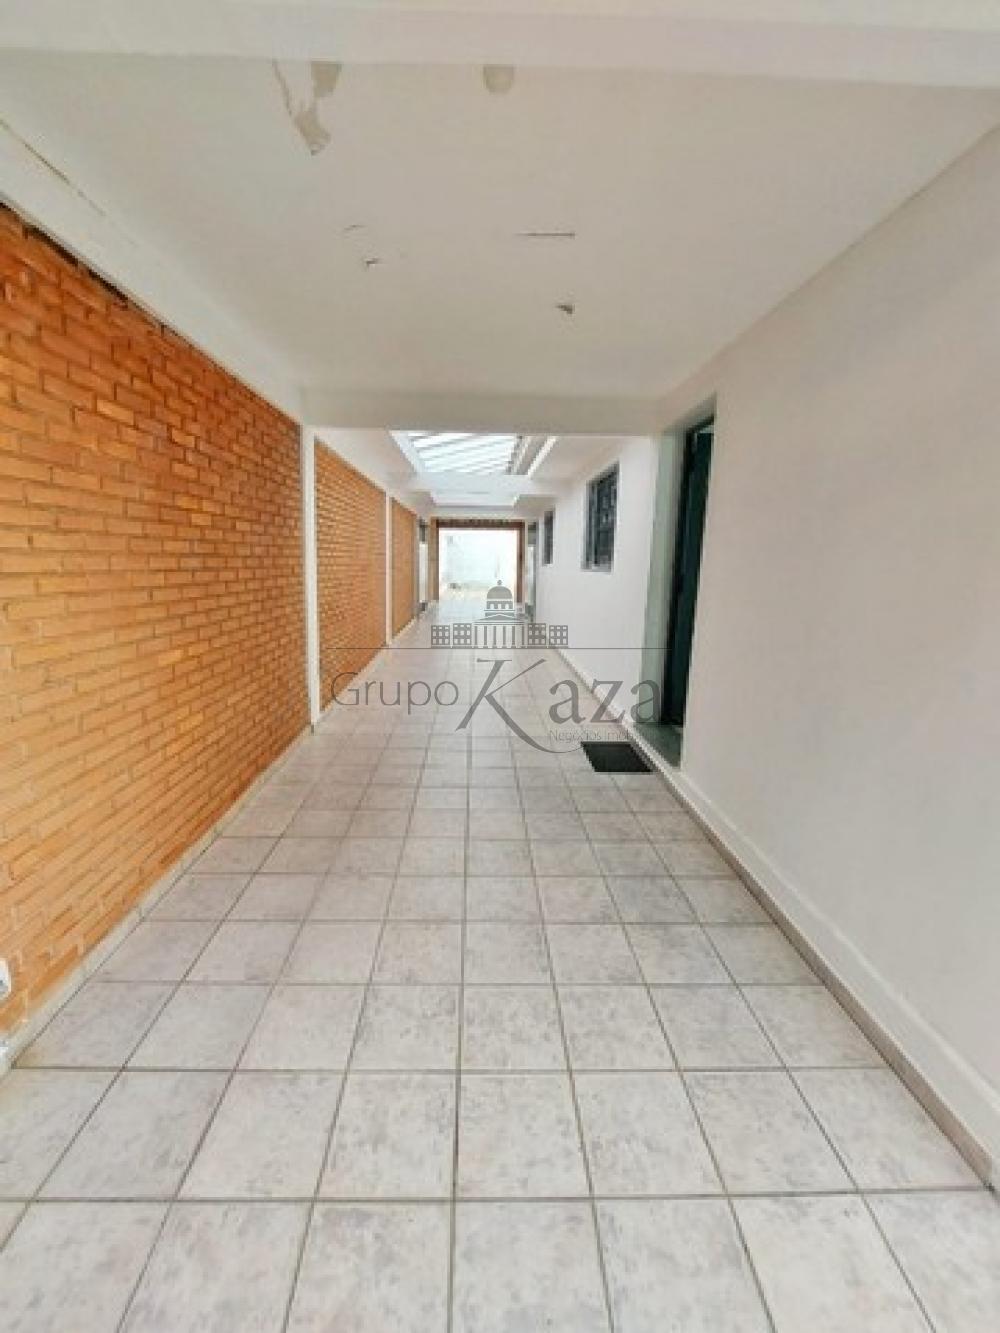 alt='Comprar Casa / Sobrado em São José dos Campos R$ 1.400.000,00 - Foto 14' title='Comprar Casa / Sobrado em São José dos Campos R$ 1.400.000,00 - Foto 14'